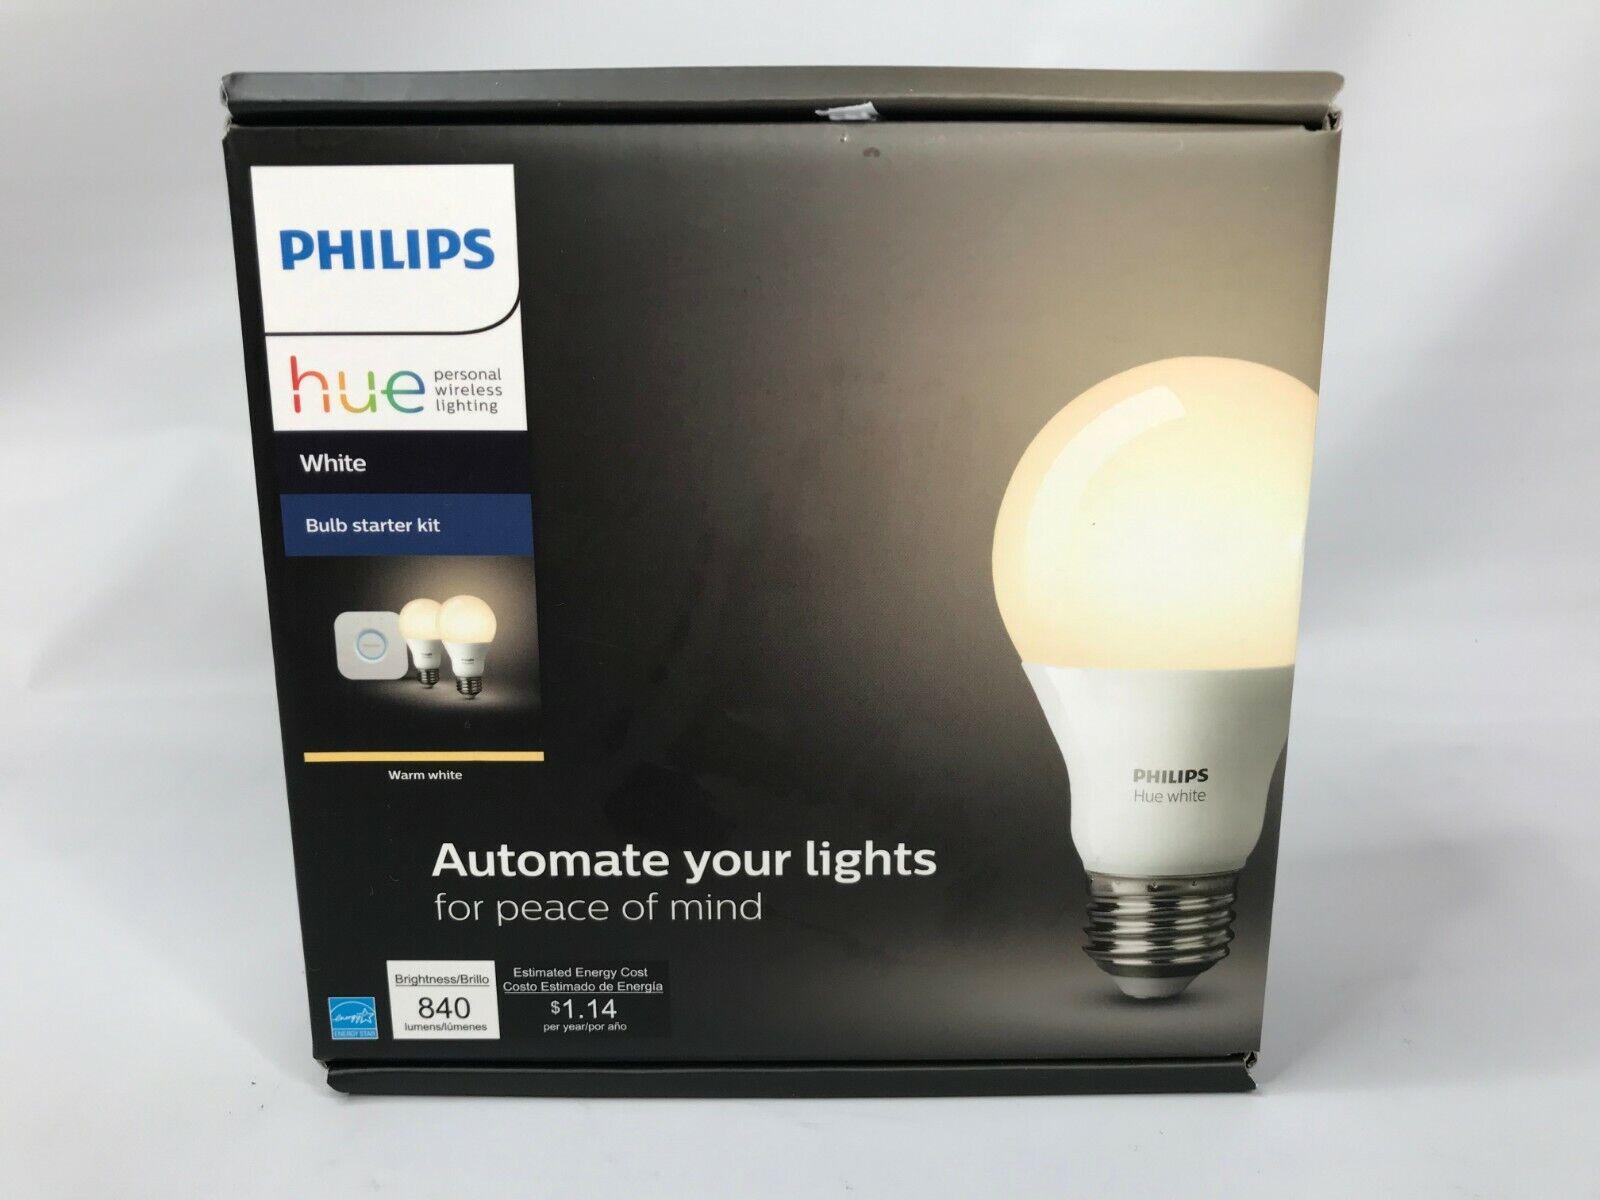 Philips Hue White E26 Starter Kit